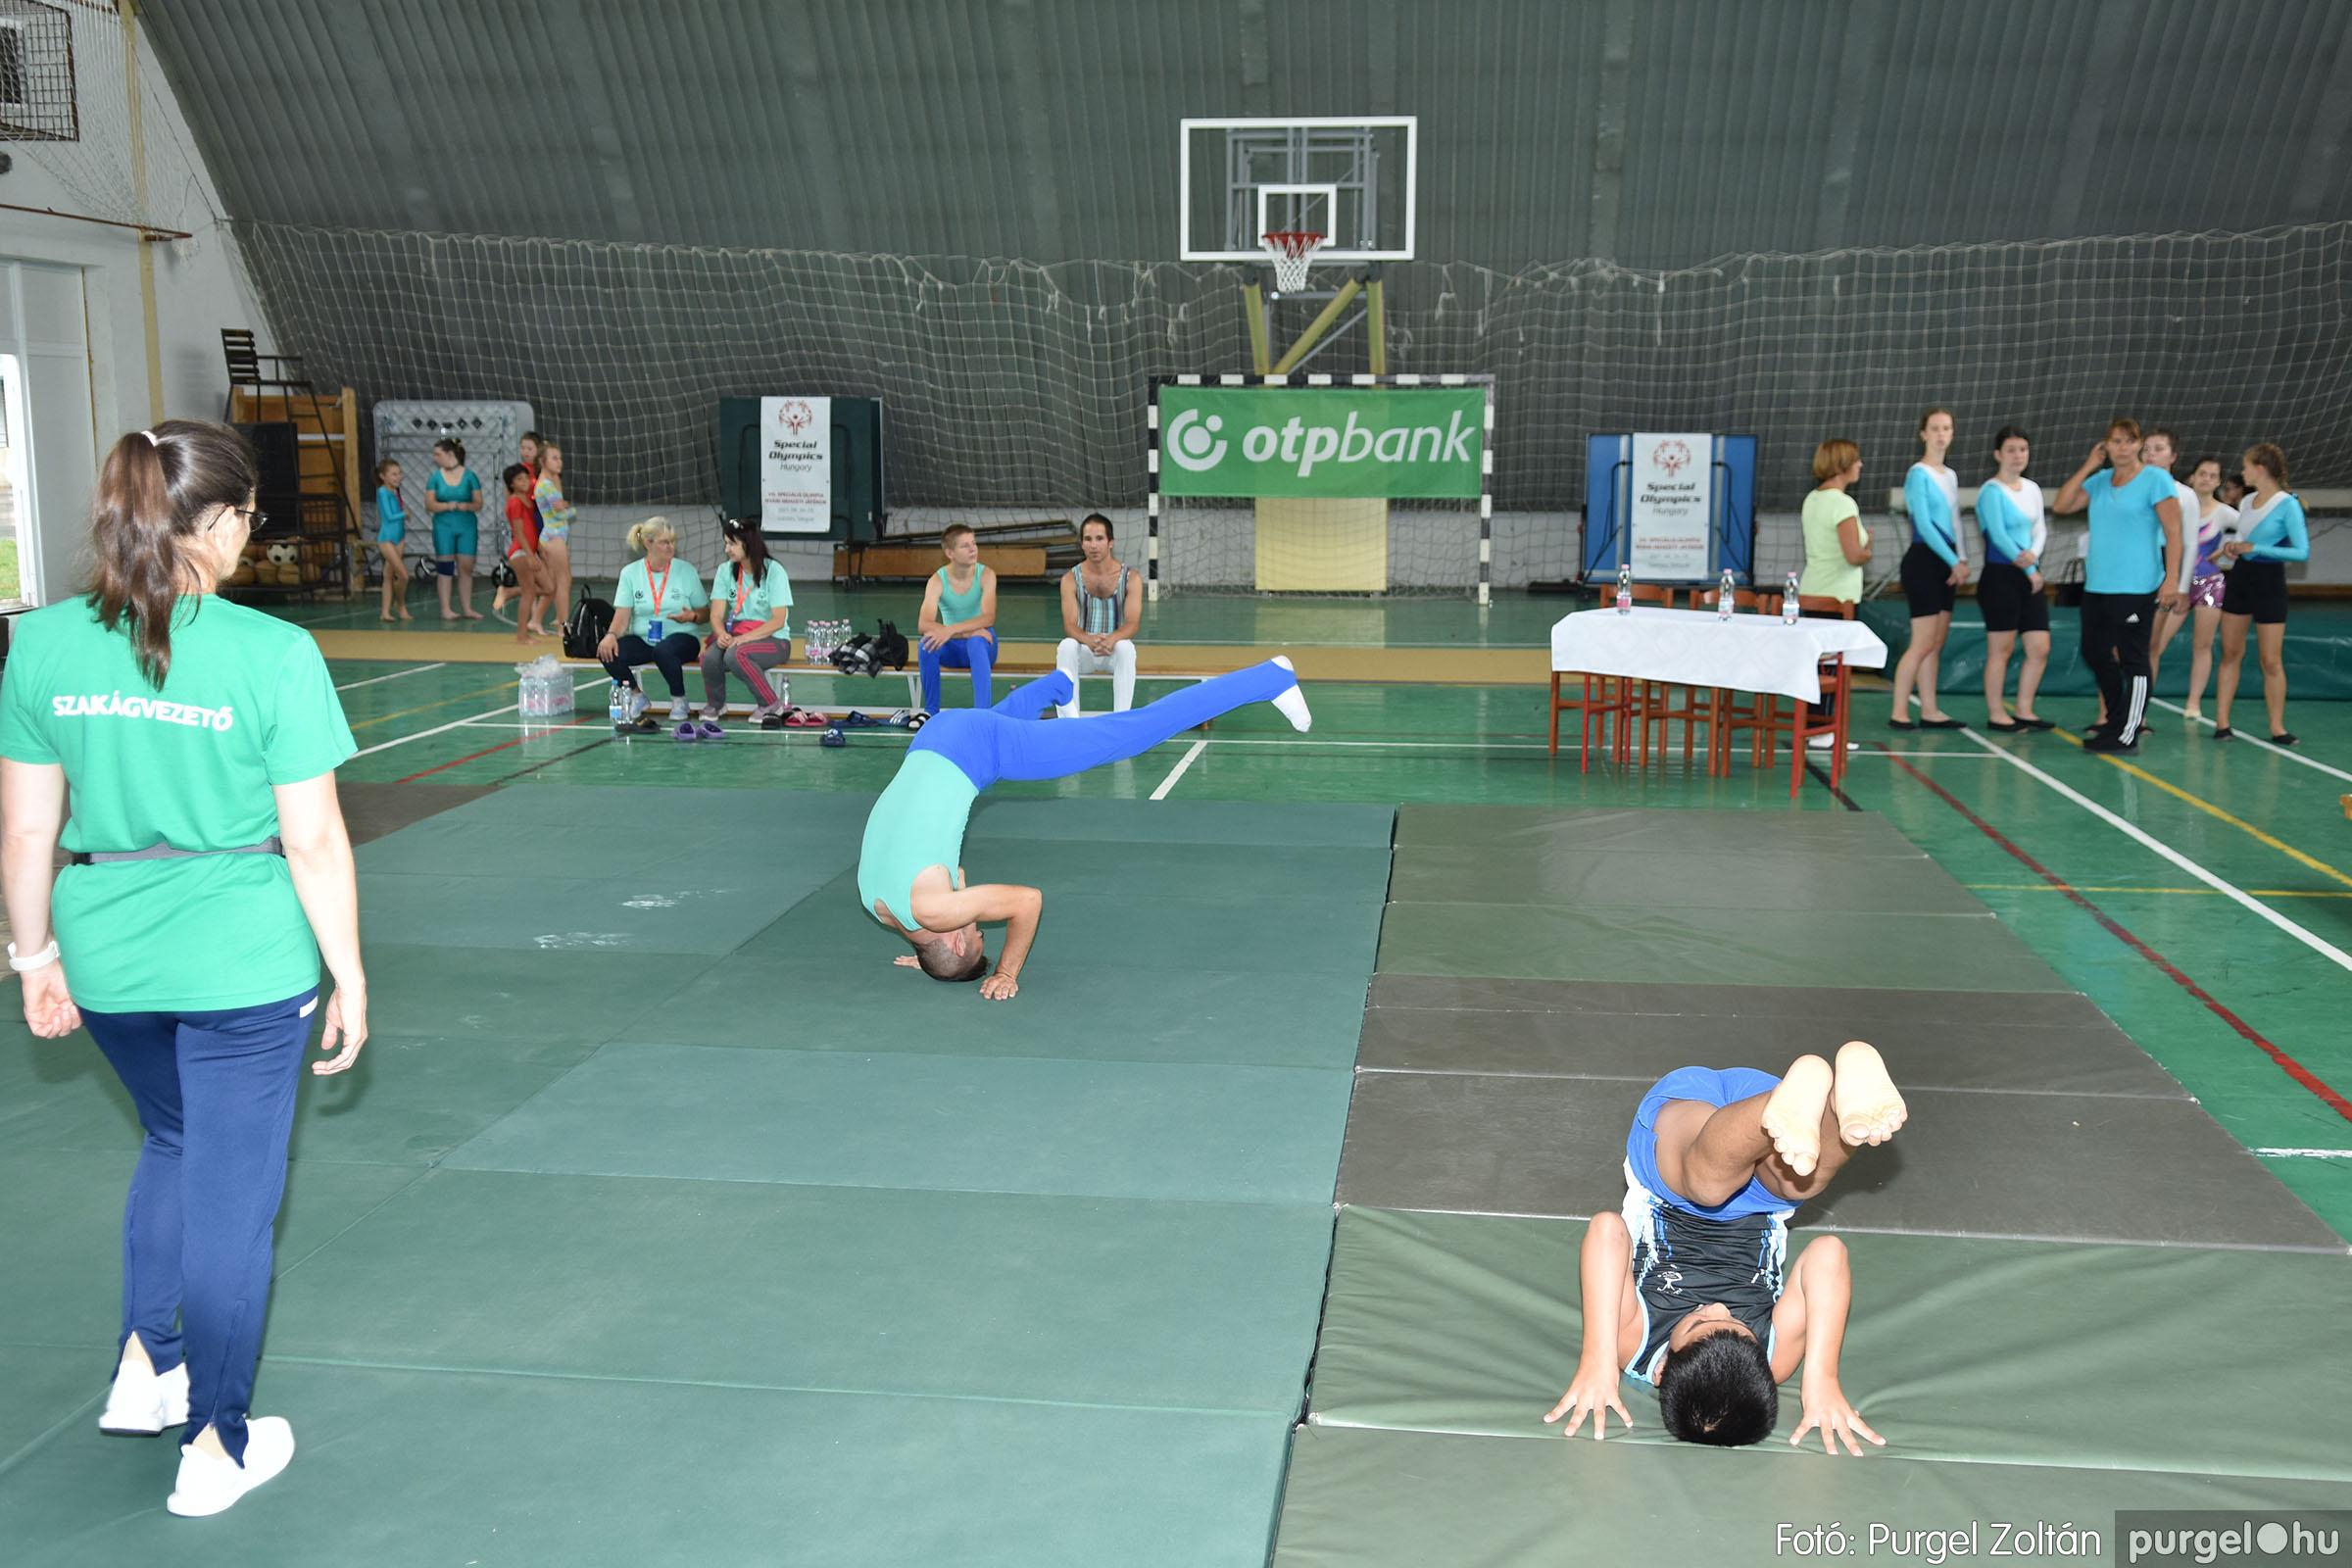 2021.08.27. 028 VII. Speciális Olimpia Nyári Nemzeti Játékok szegvári megnyitója.jpg